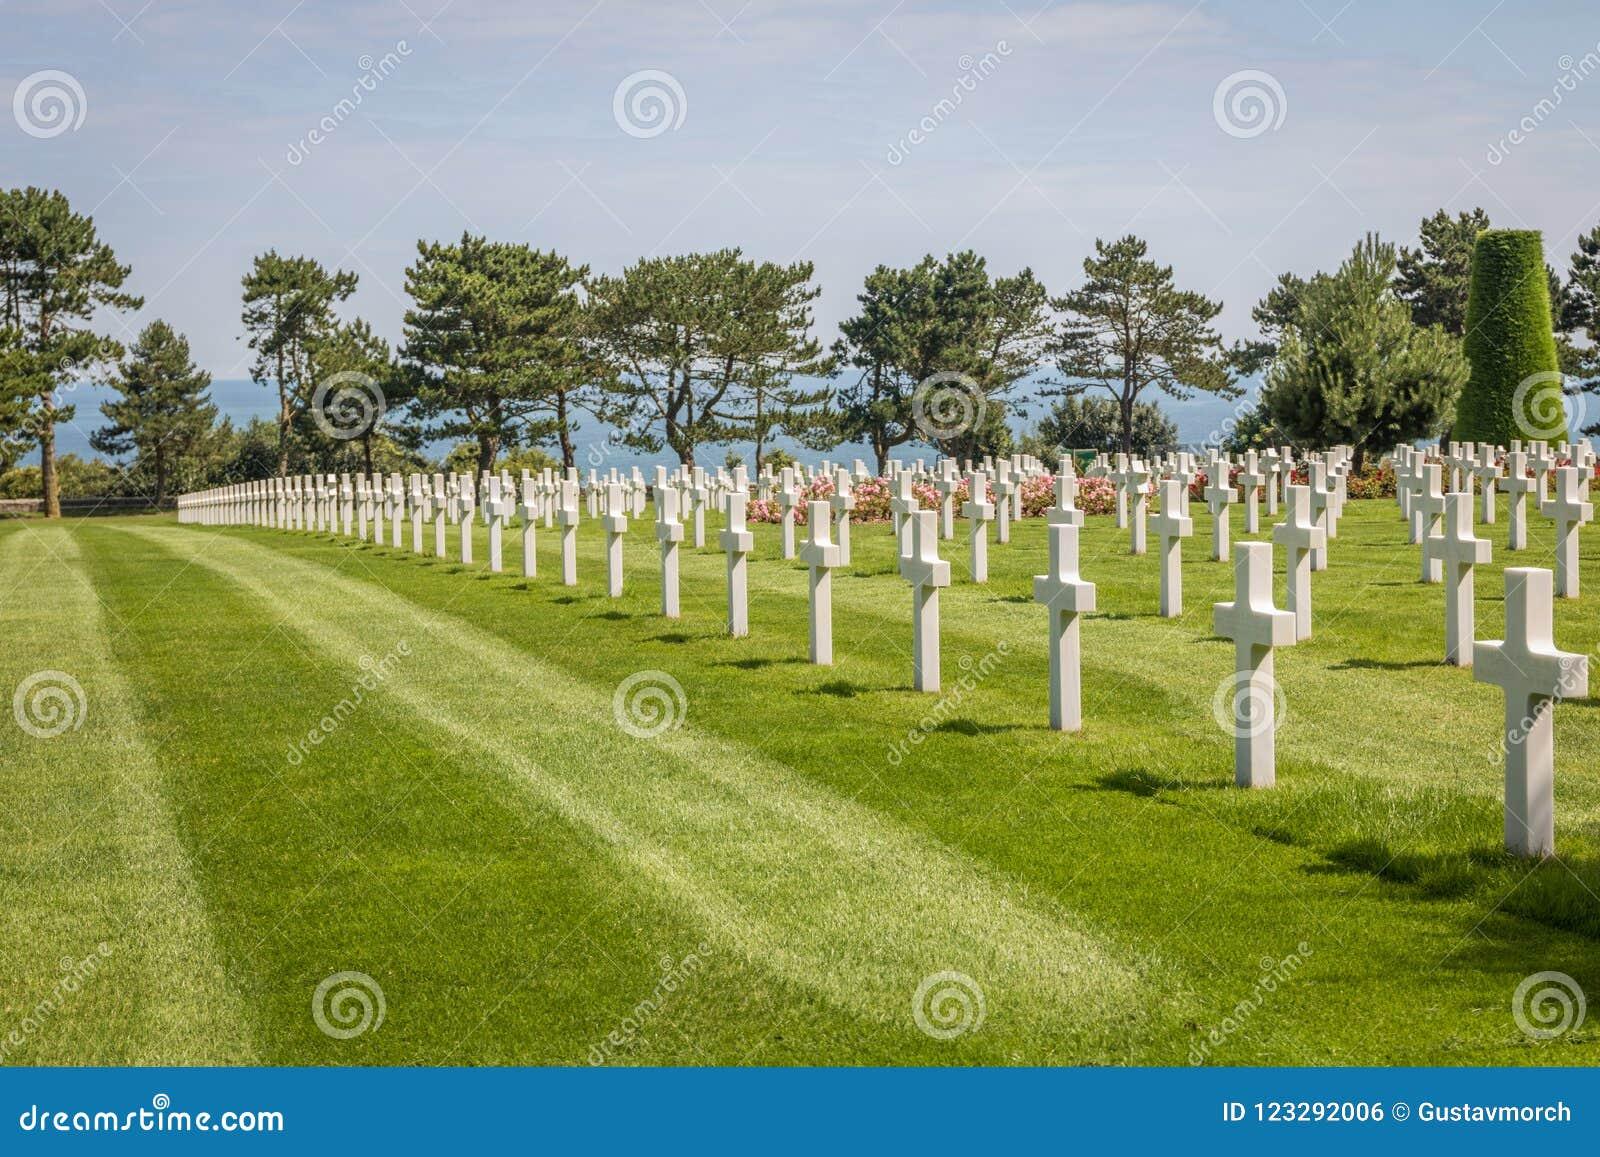 El cementerio americano de Normandía en la playa de Omaha, Normandía, Francia